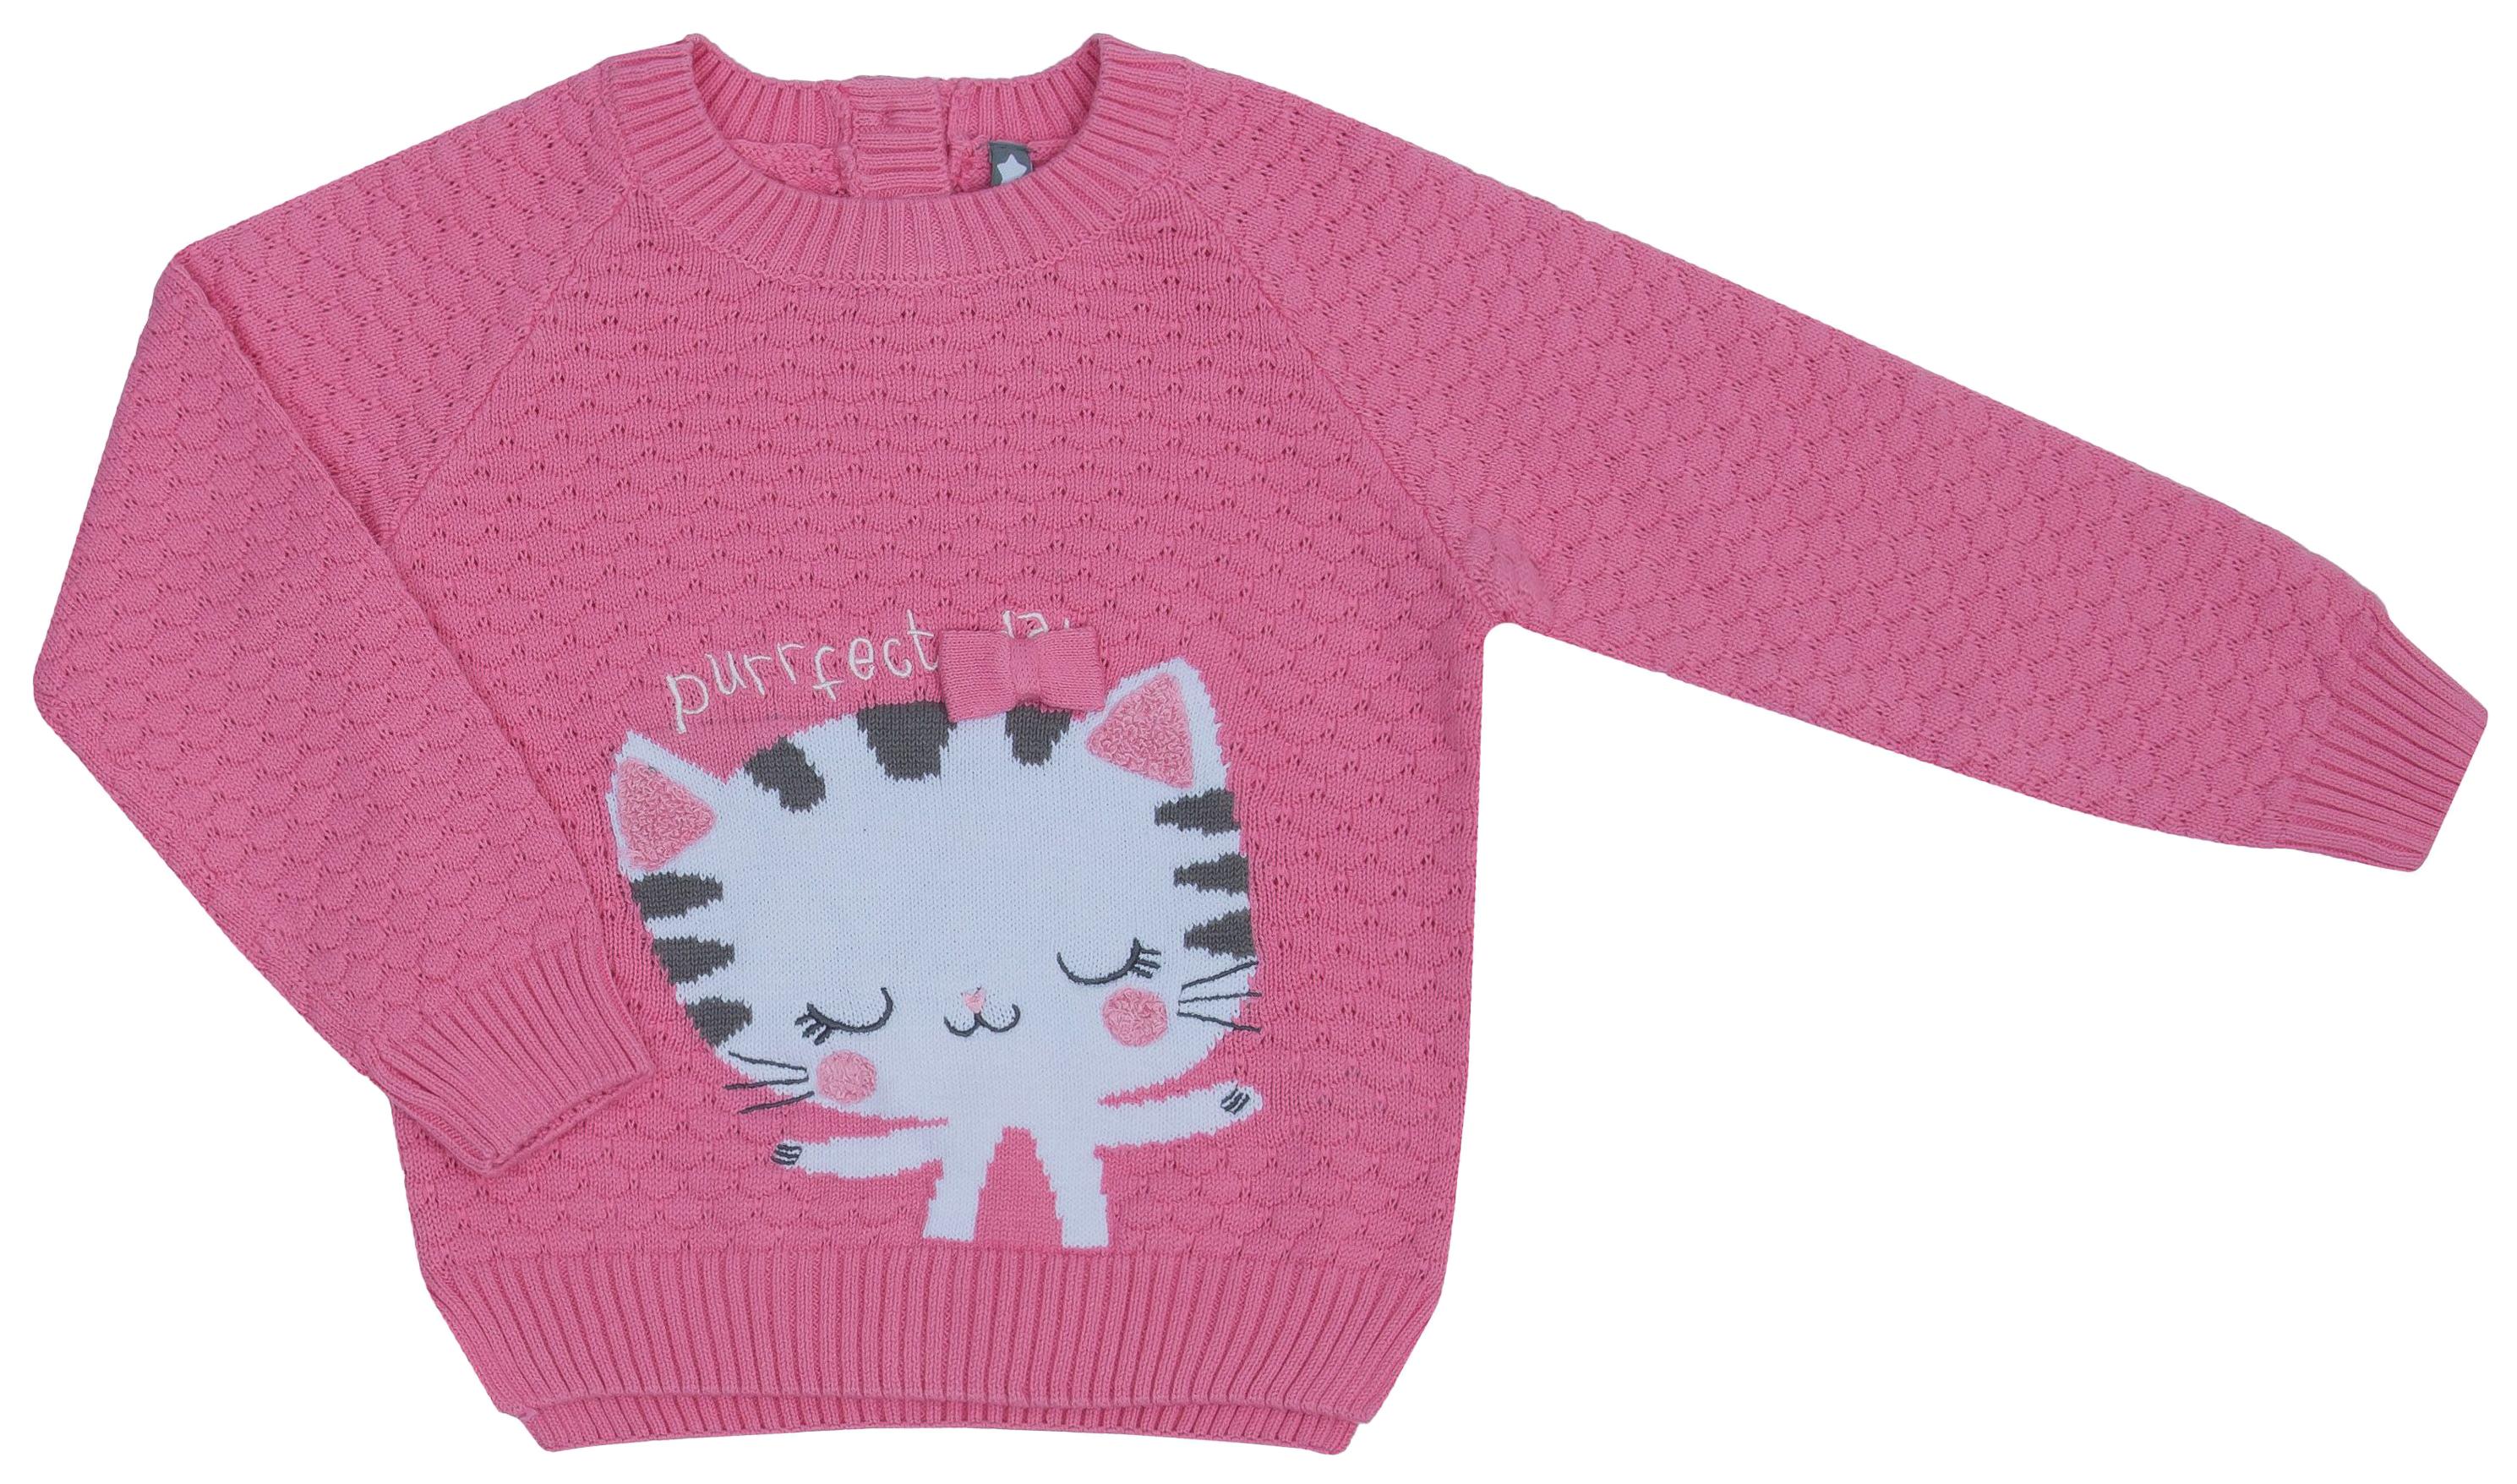 Купить Джемпер для девочки Be2Me Китти, розовый р.92, Детские джемперы, кардиганы, свитшоты